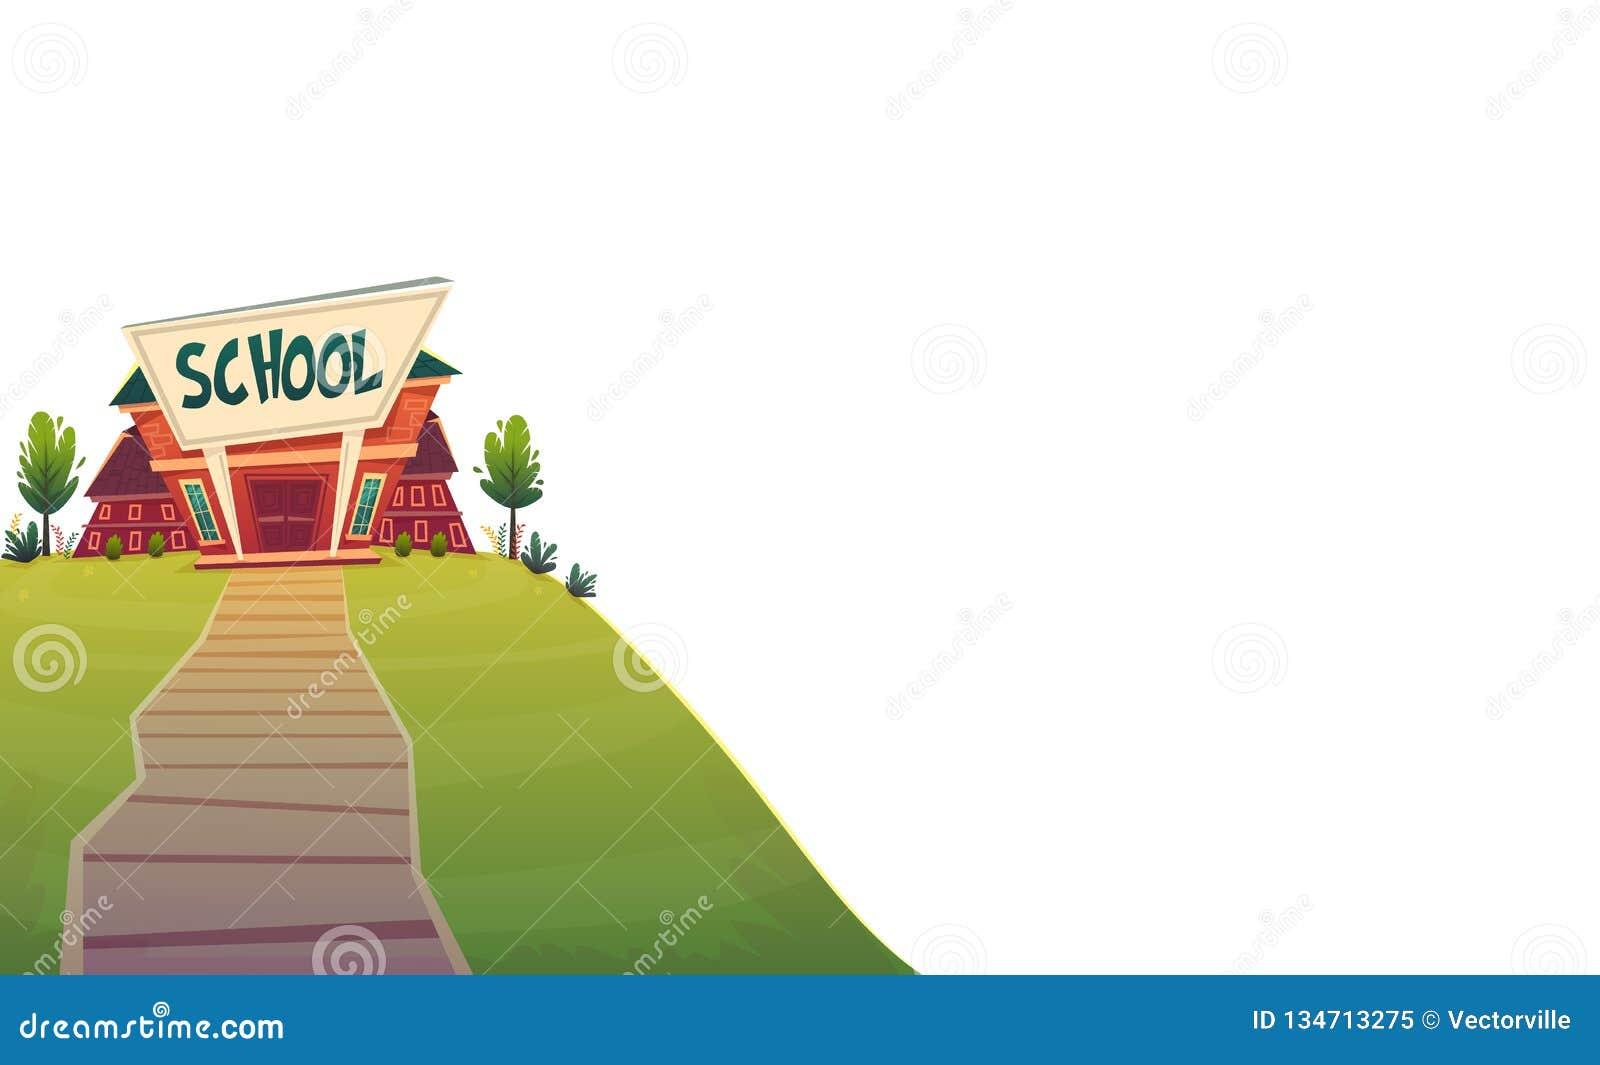 Szkoła dzień wiedzy kreskówki śmieszny tło, ciepła jesieni edukacji karty pokrywa w czerwieni zieleni jaskrawych colours odizolow